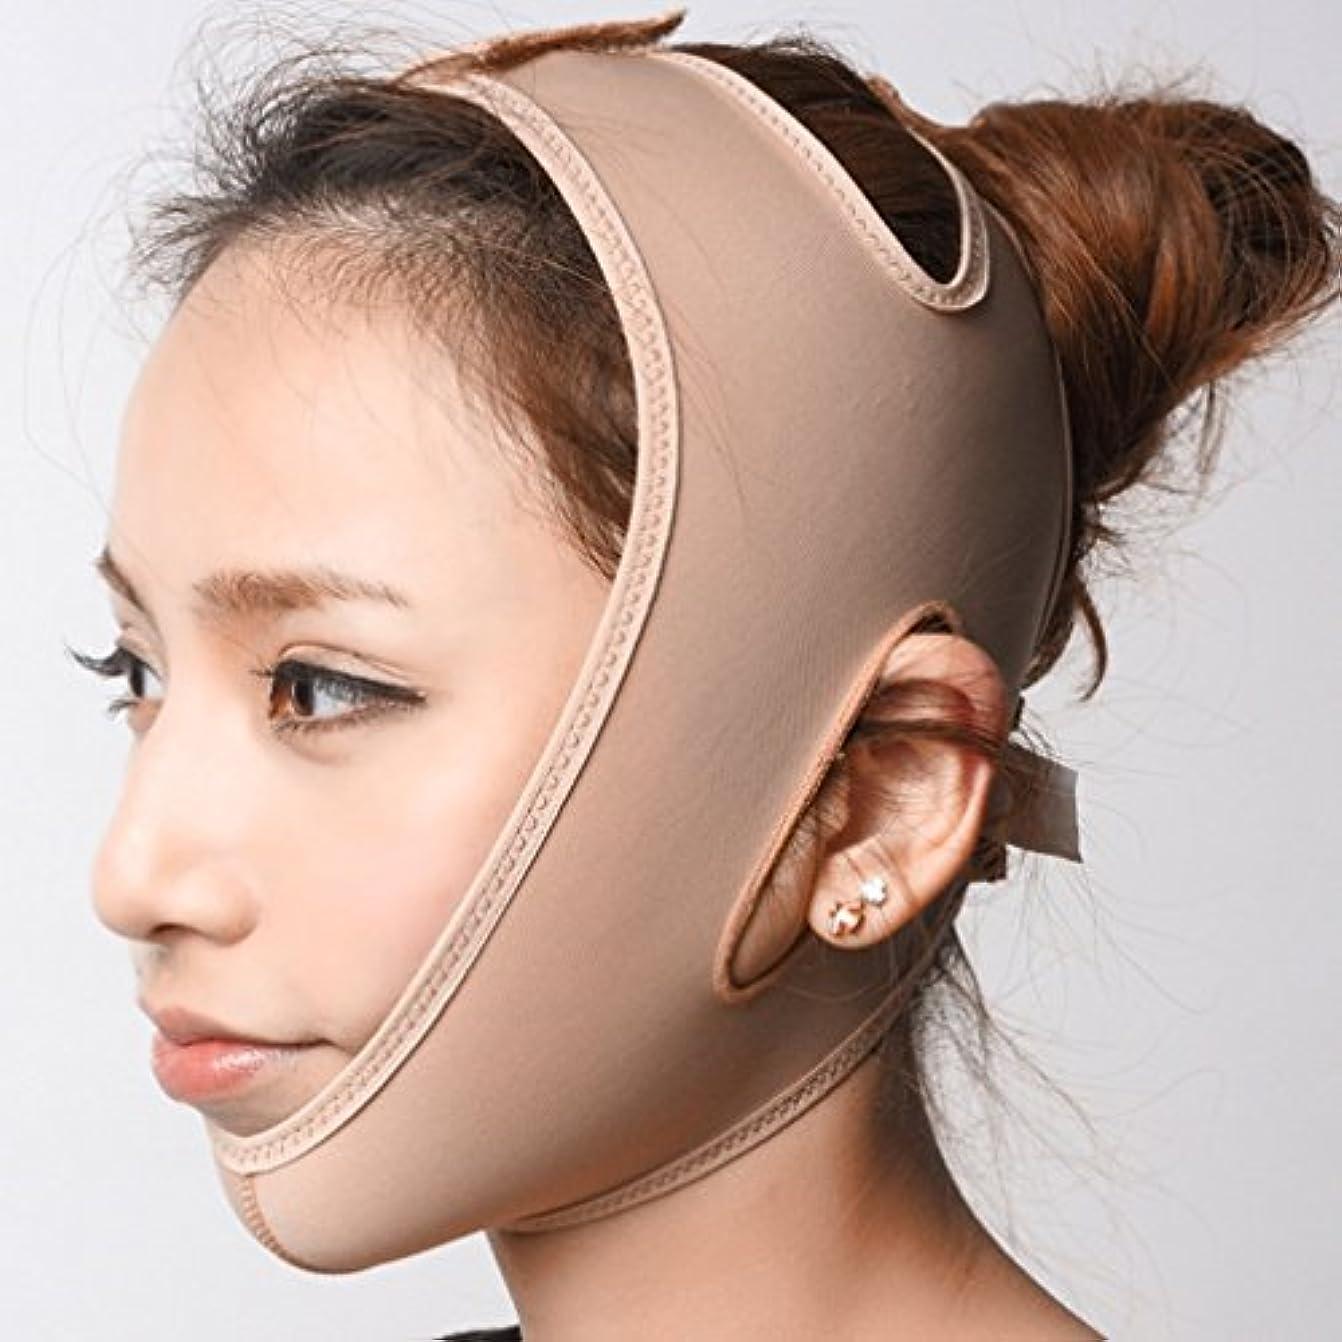 買い手スペインミッションフェイスマスク 引き上げマスク フェイスラインベルト 小顔マスク 小顔ベルト 頬のたるみ 美容顔マスク 矯正 顔痩せ 額、顎下、頬リフトアップ Mサイズ